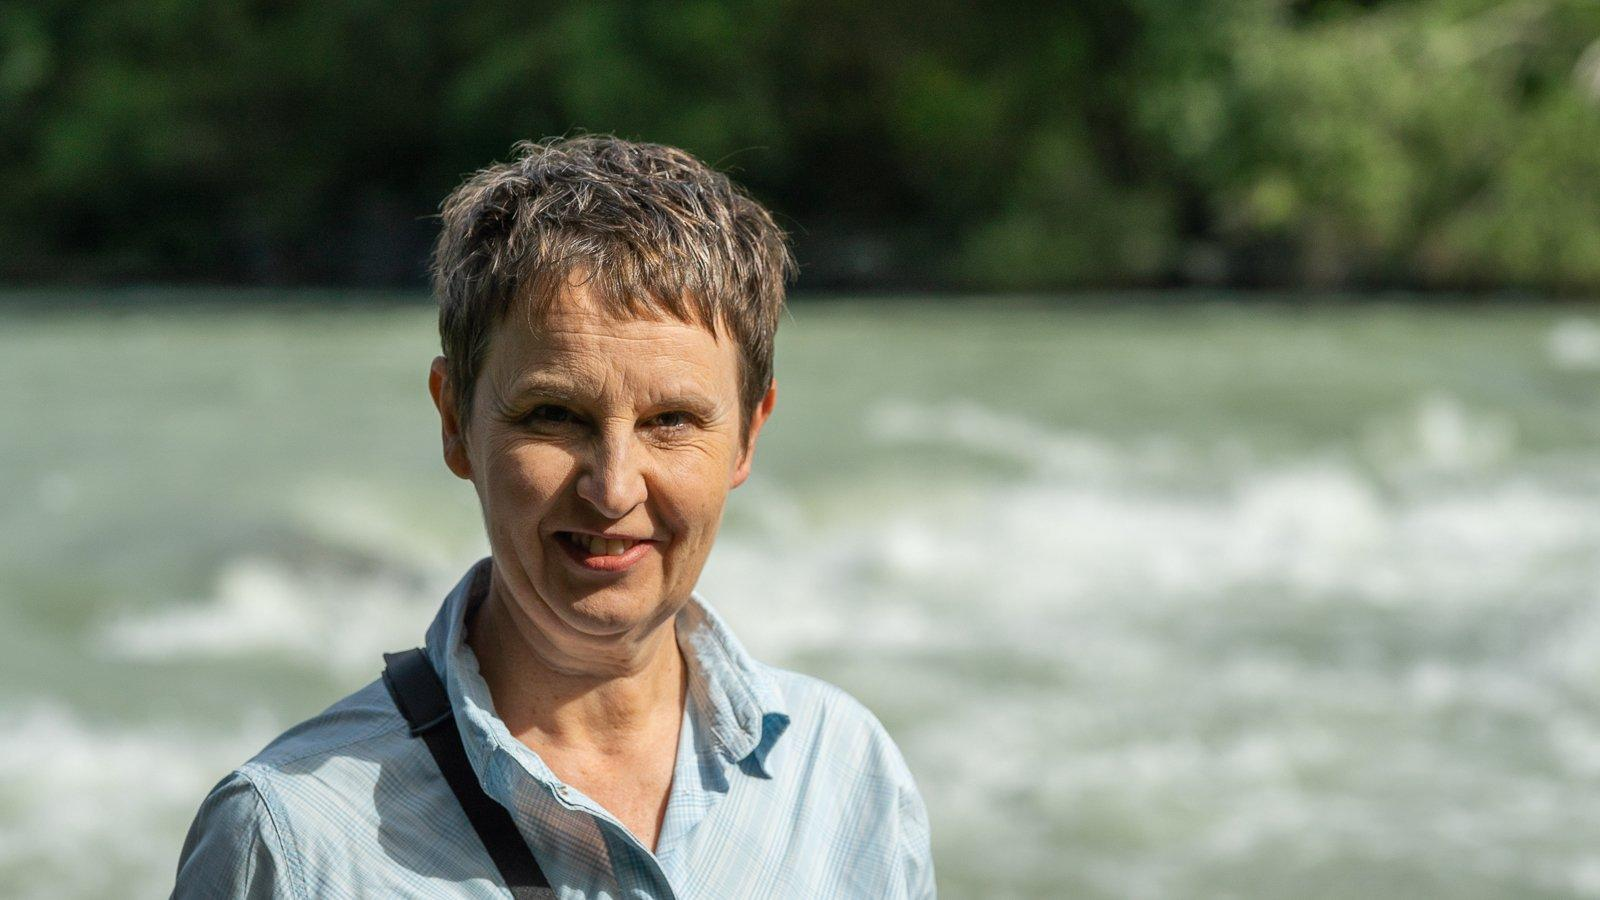 Frau mit kurzen Haaren, im Hintergrund sieht man einen Fluss und Bäume